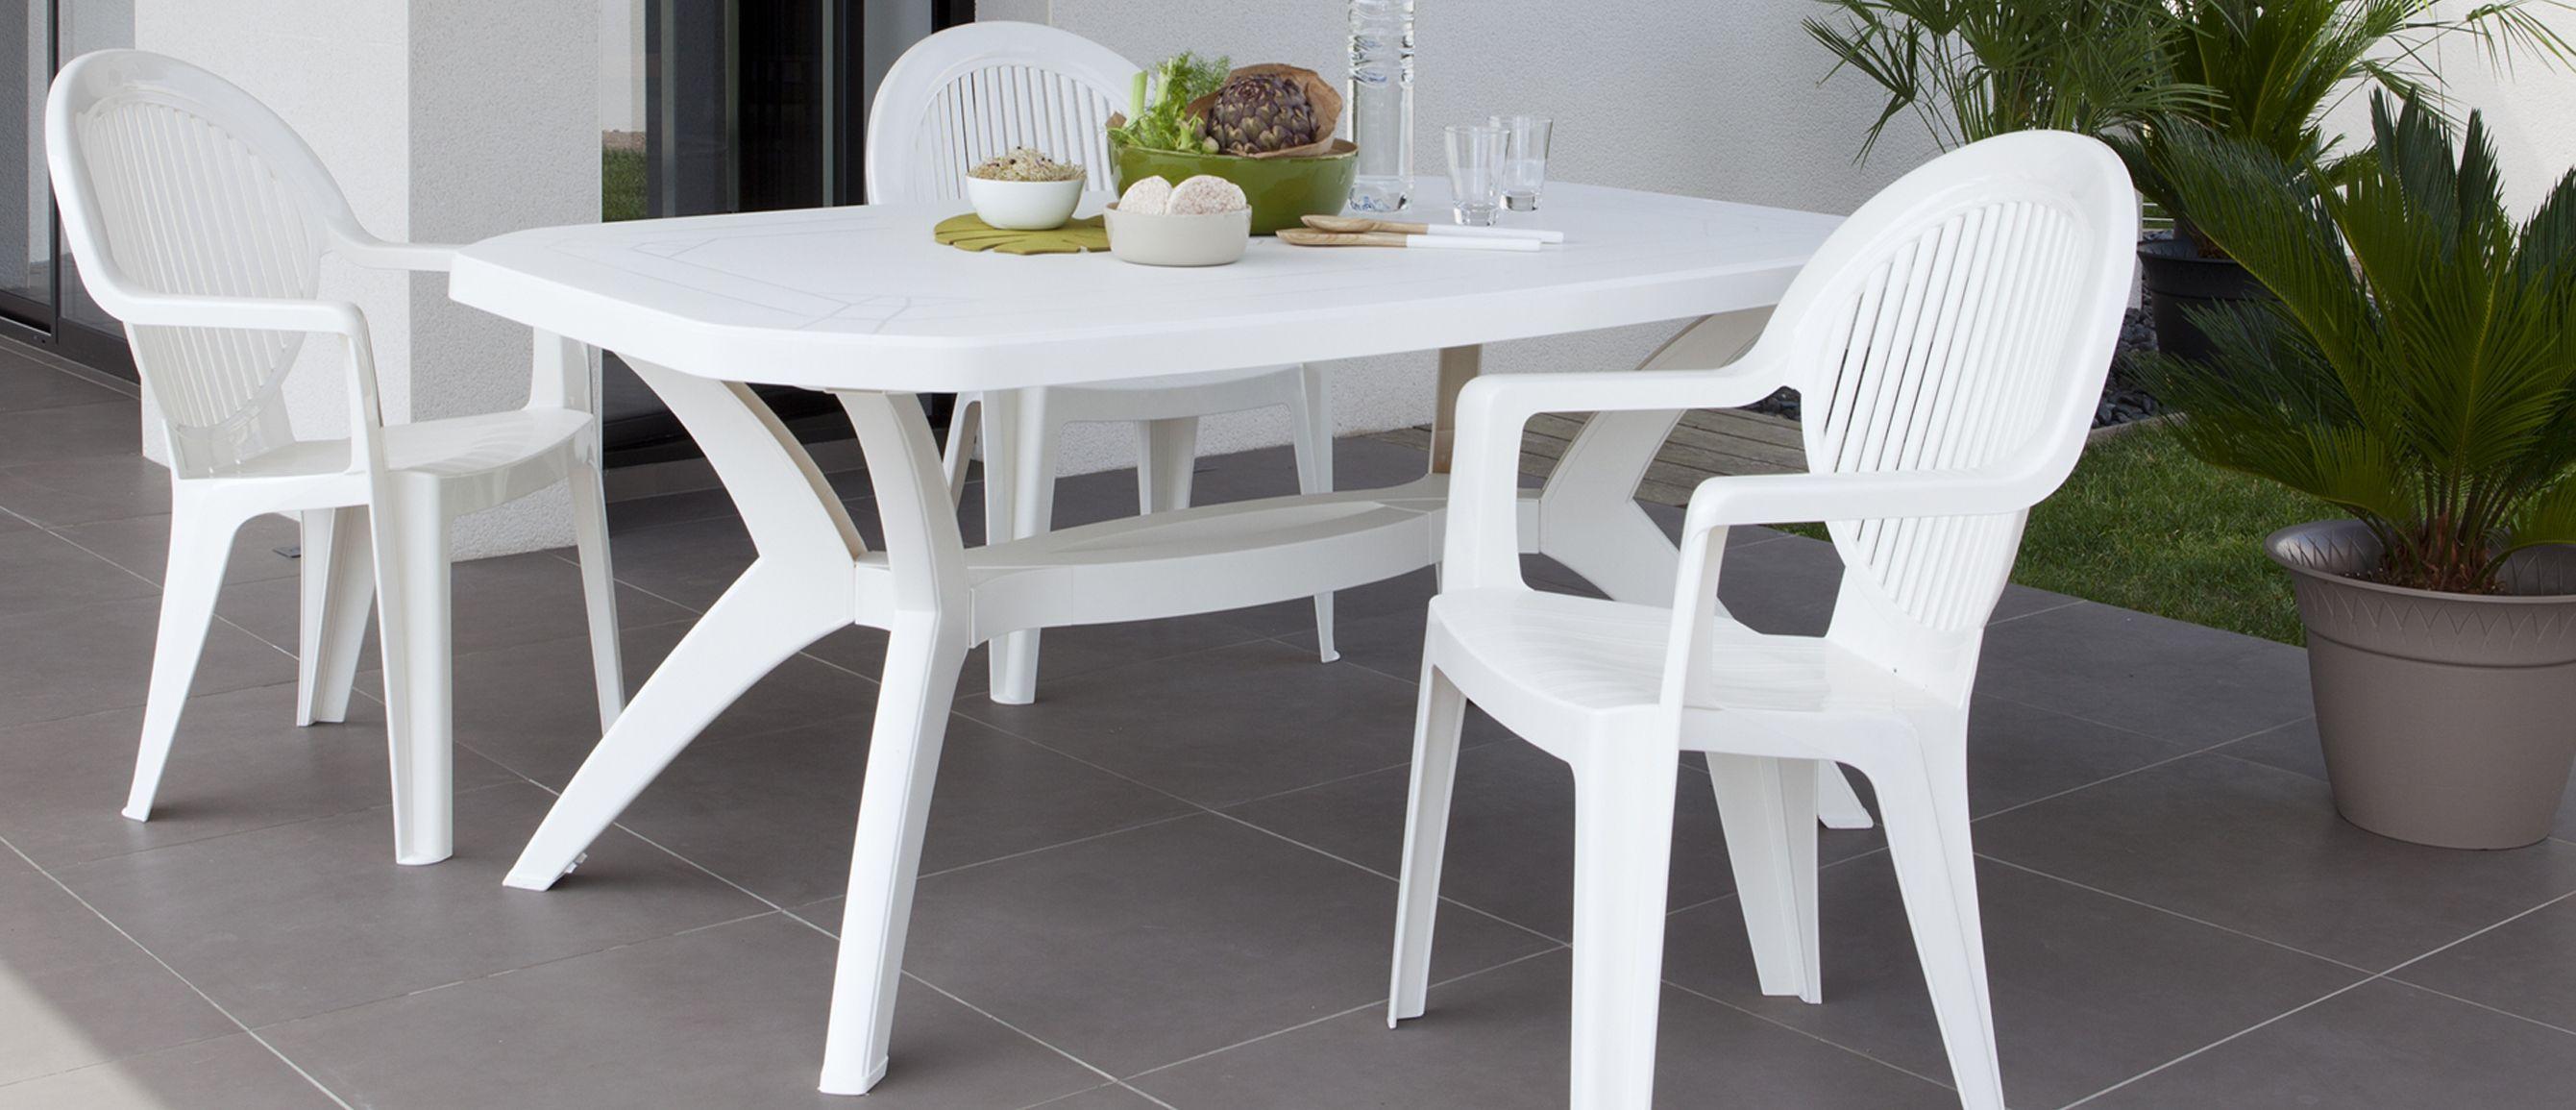 Stunning Table De Jardin Blanche Plastique Pictures - House Design ...